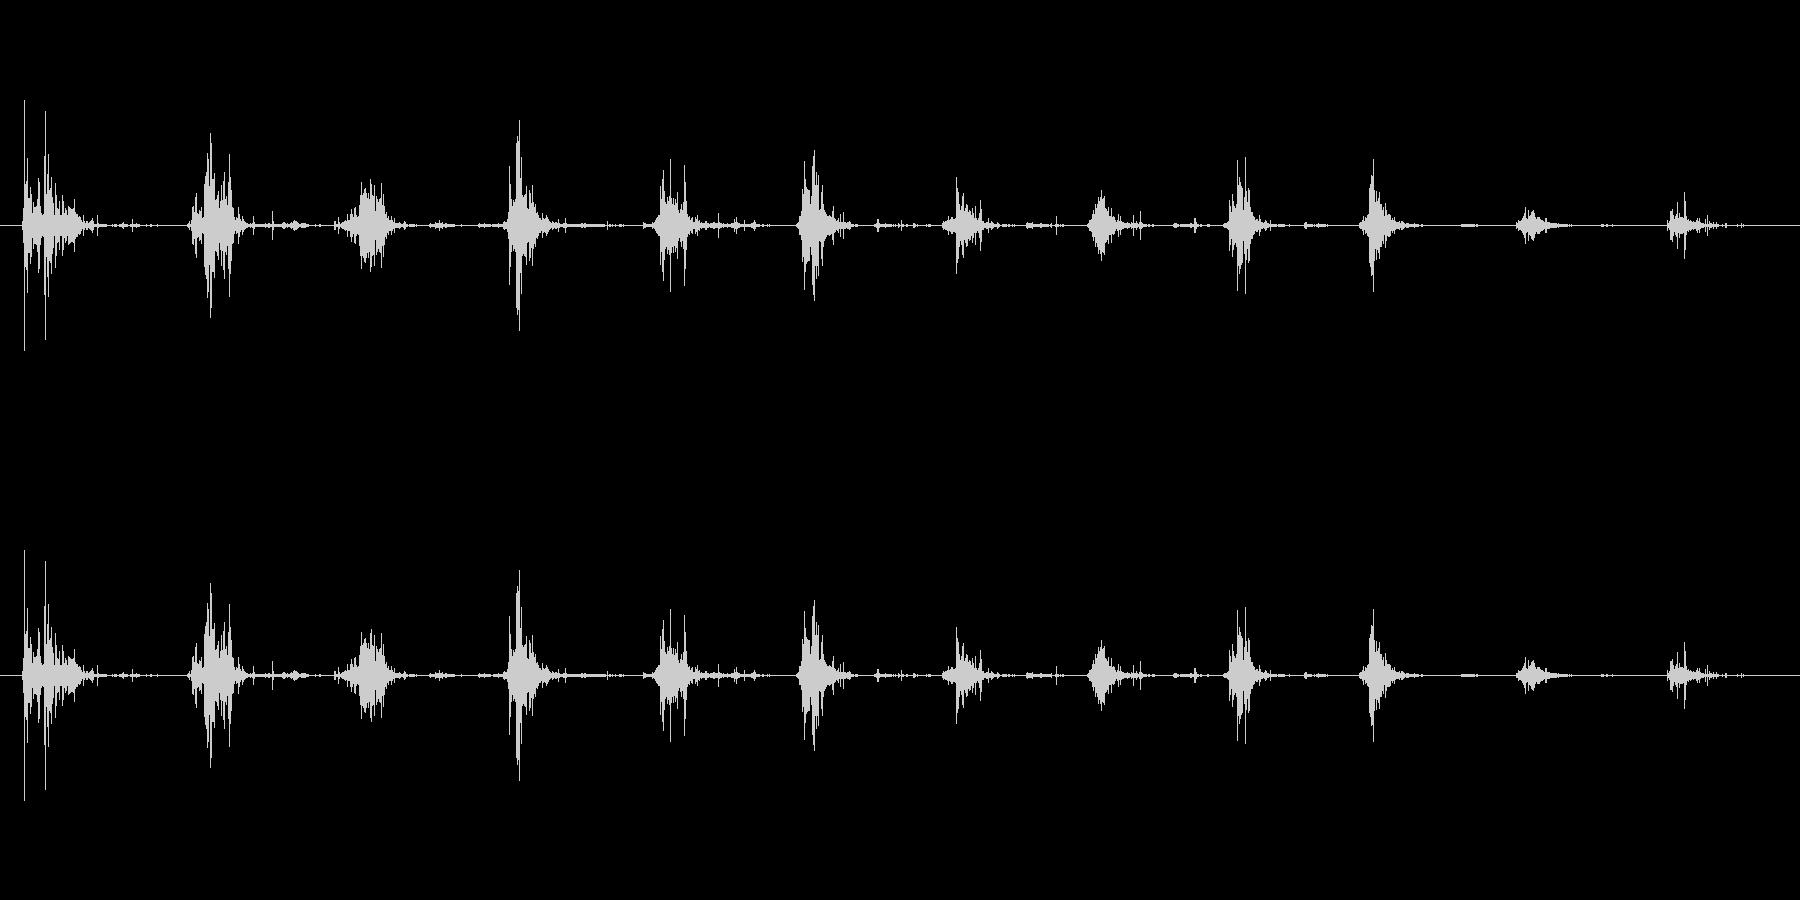 ボリボリボリ(おかきを食べる音)の未再生の波形